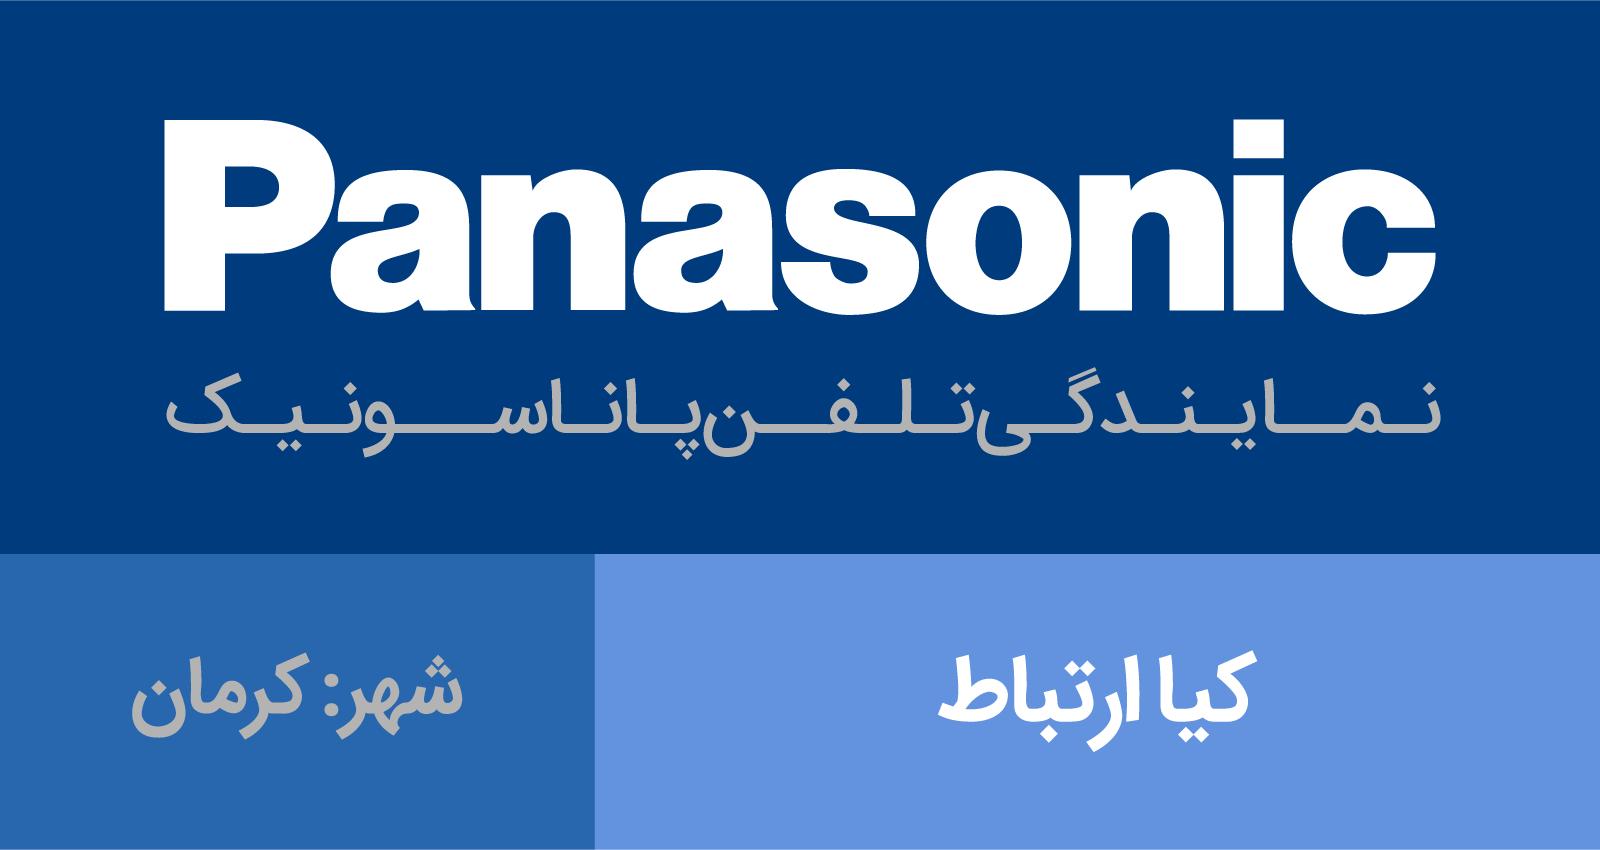 نمایندگی پاناسونیک کرمان - كيا ارتباط